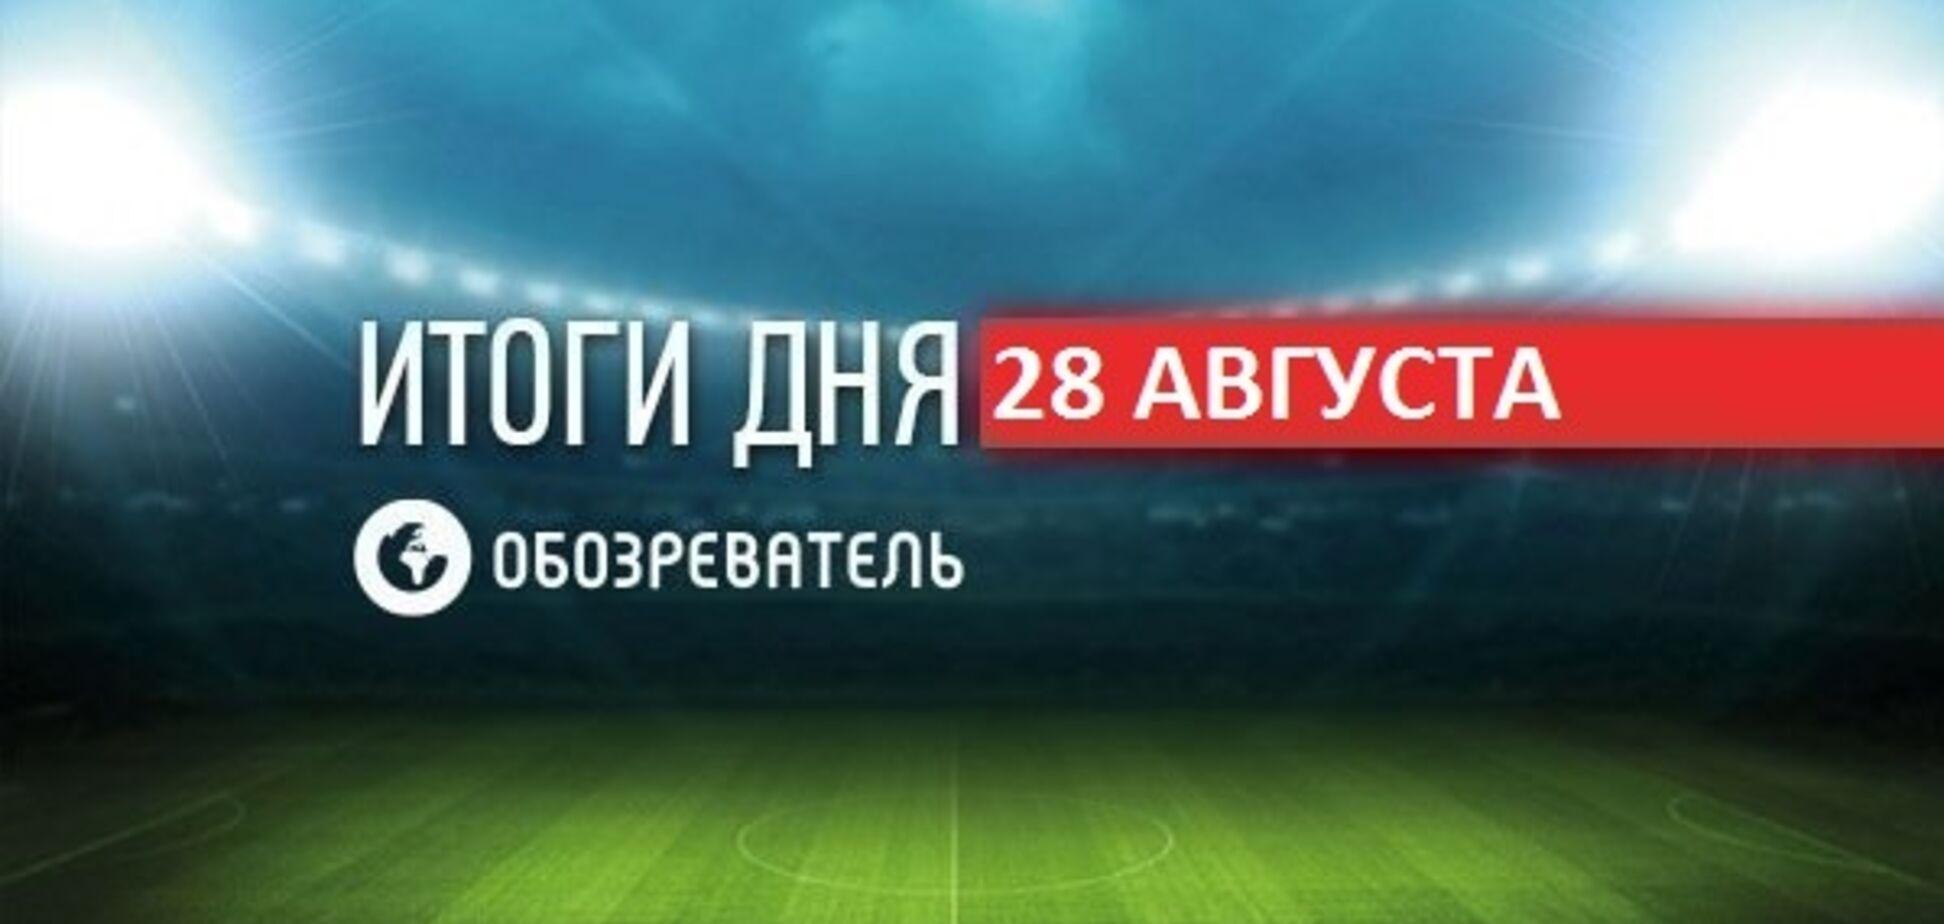 Усик спантеличив мережу новим відео: спортивні підсумки 28 серпня